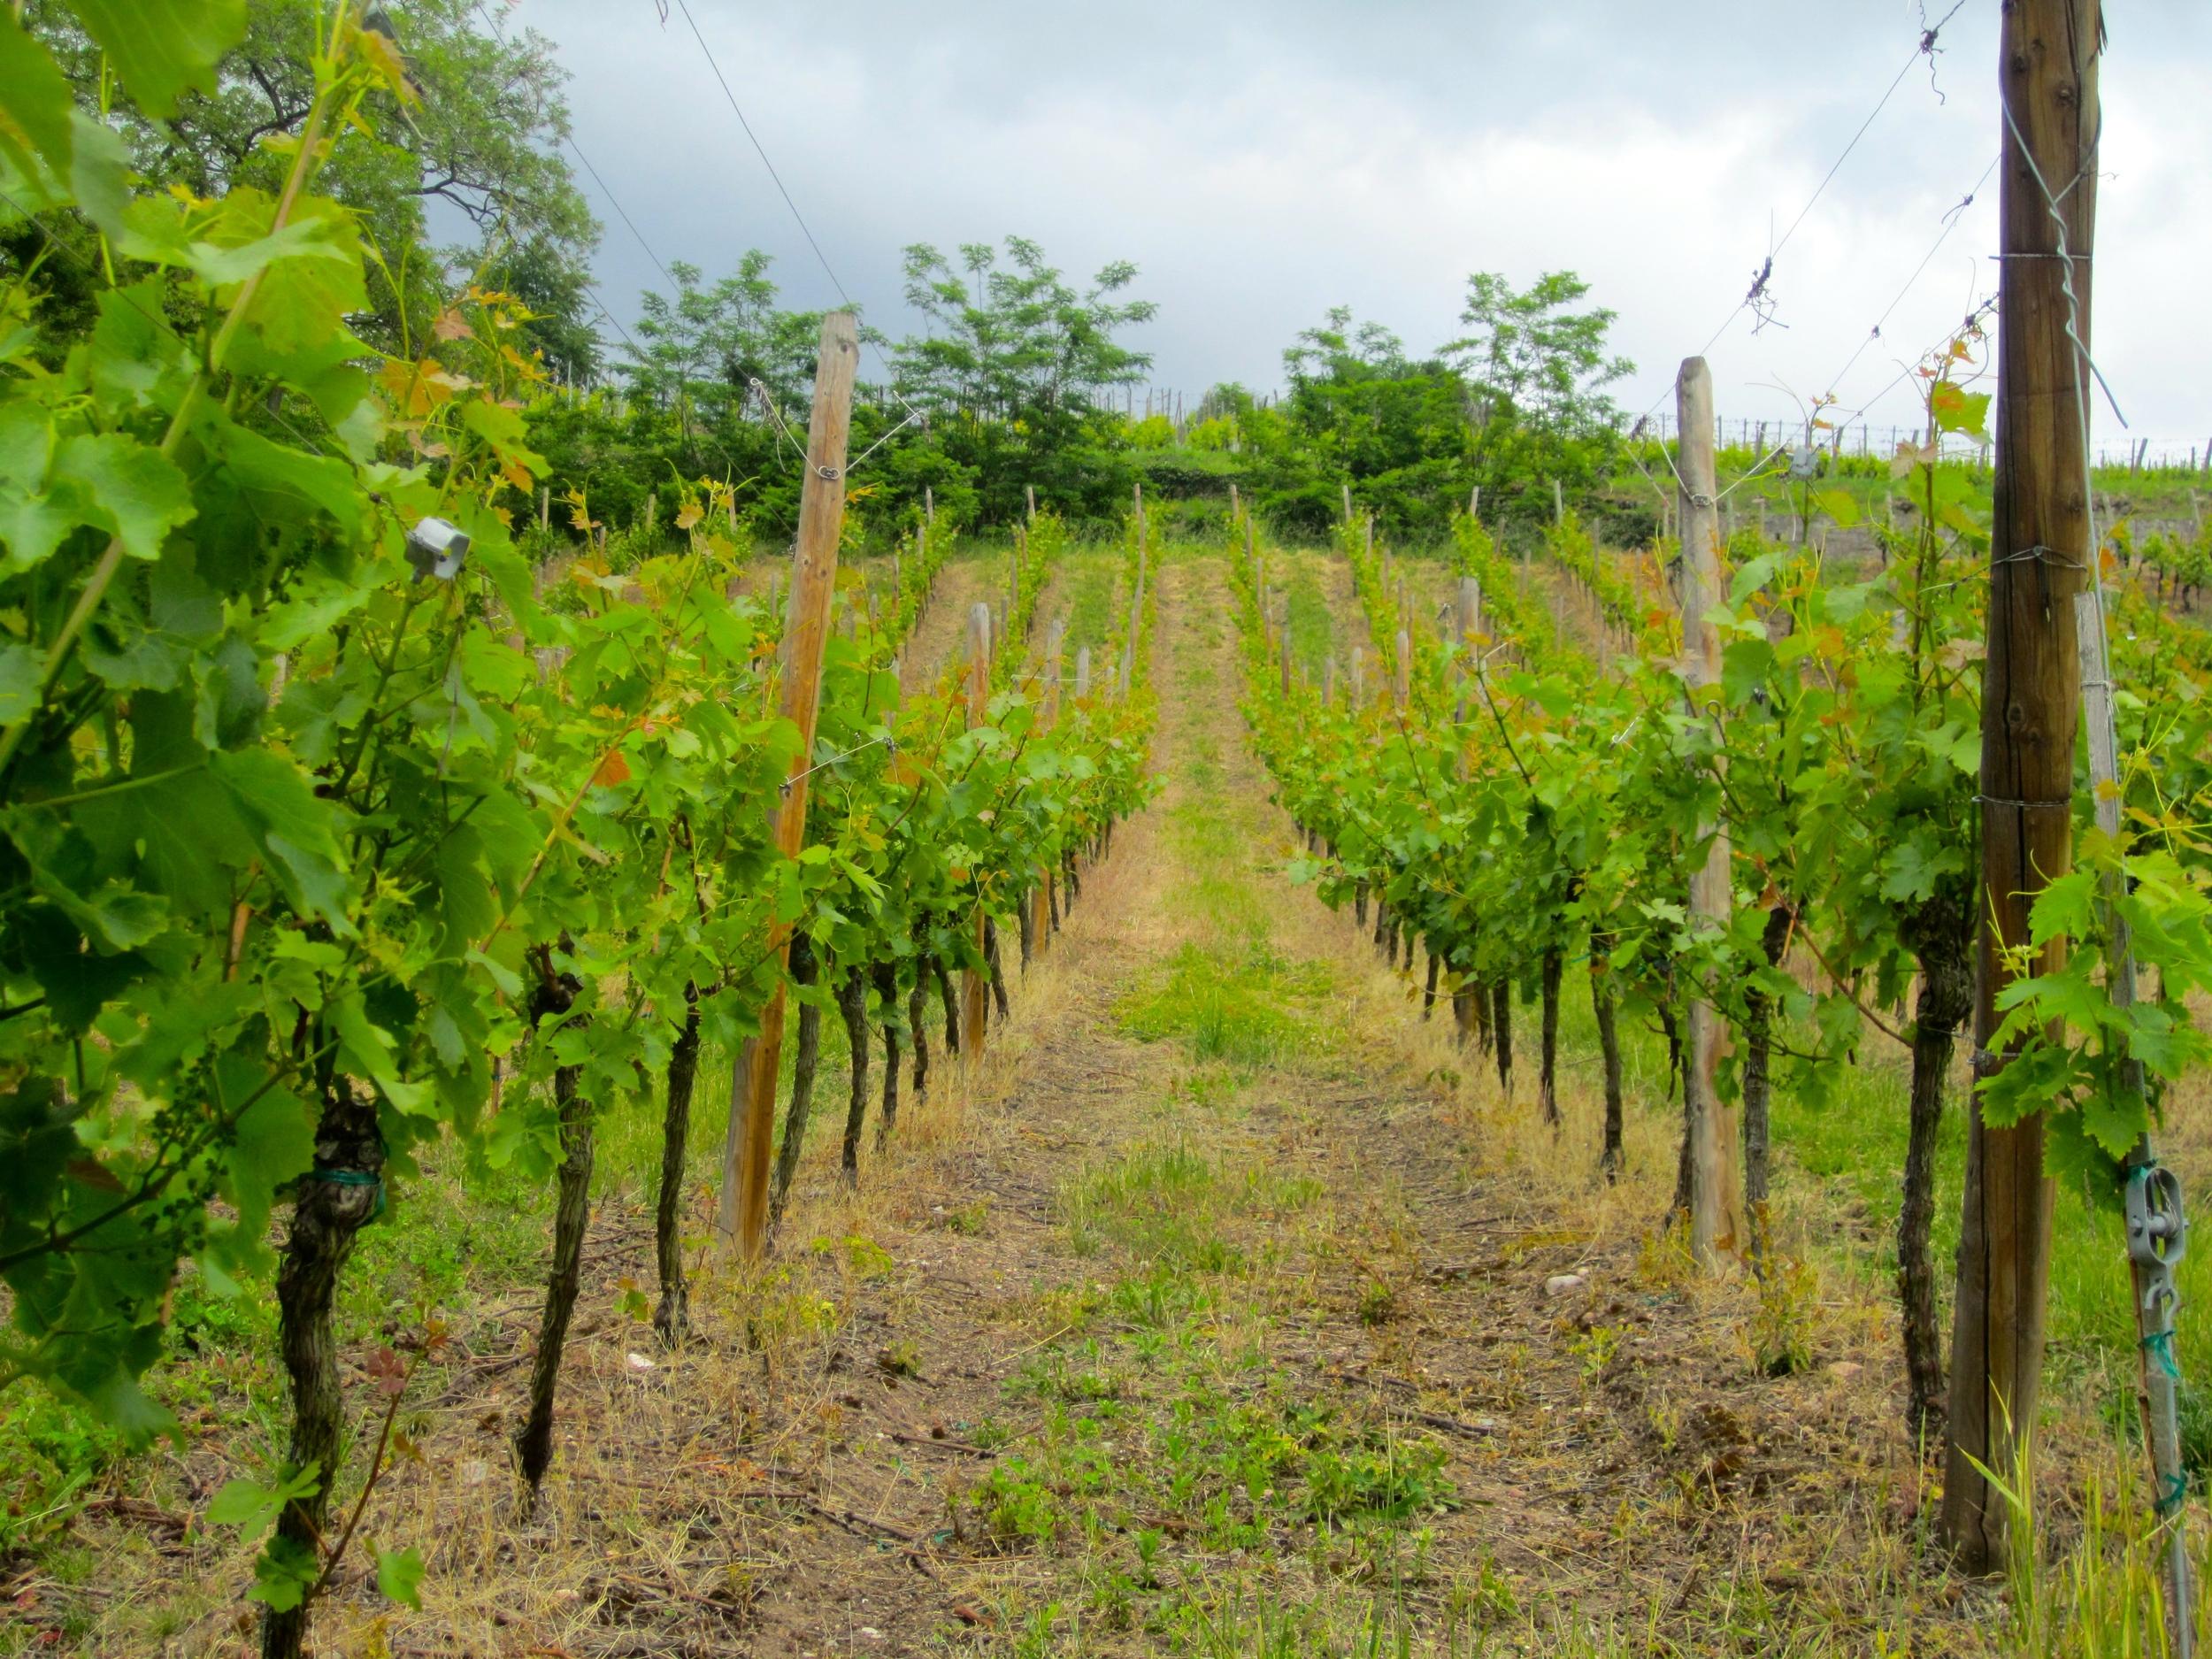 Vineyard in Riquewihr